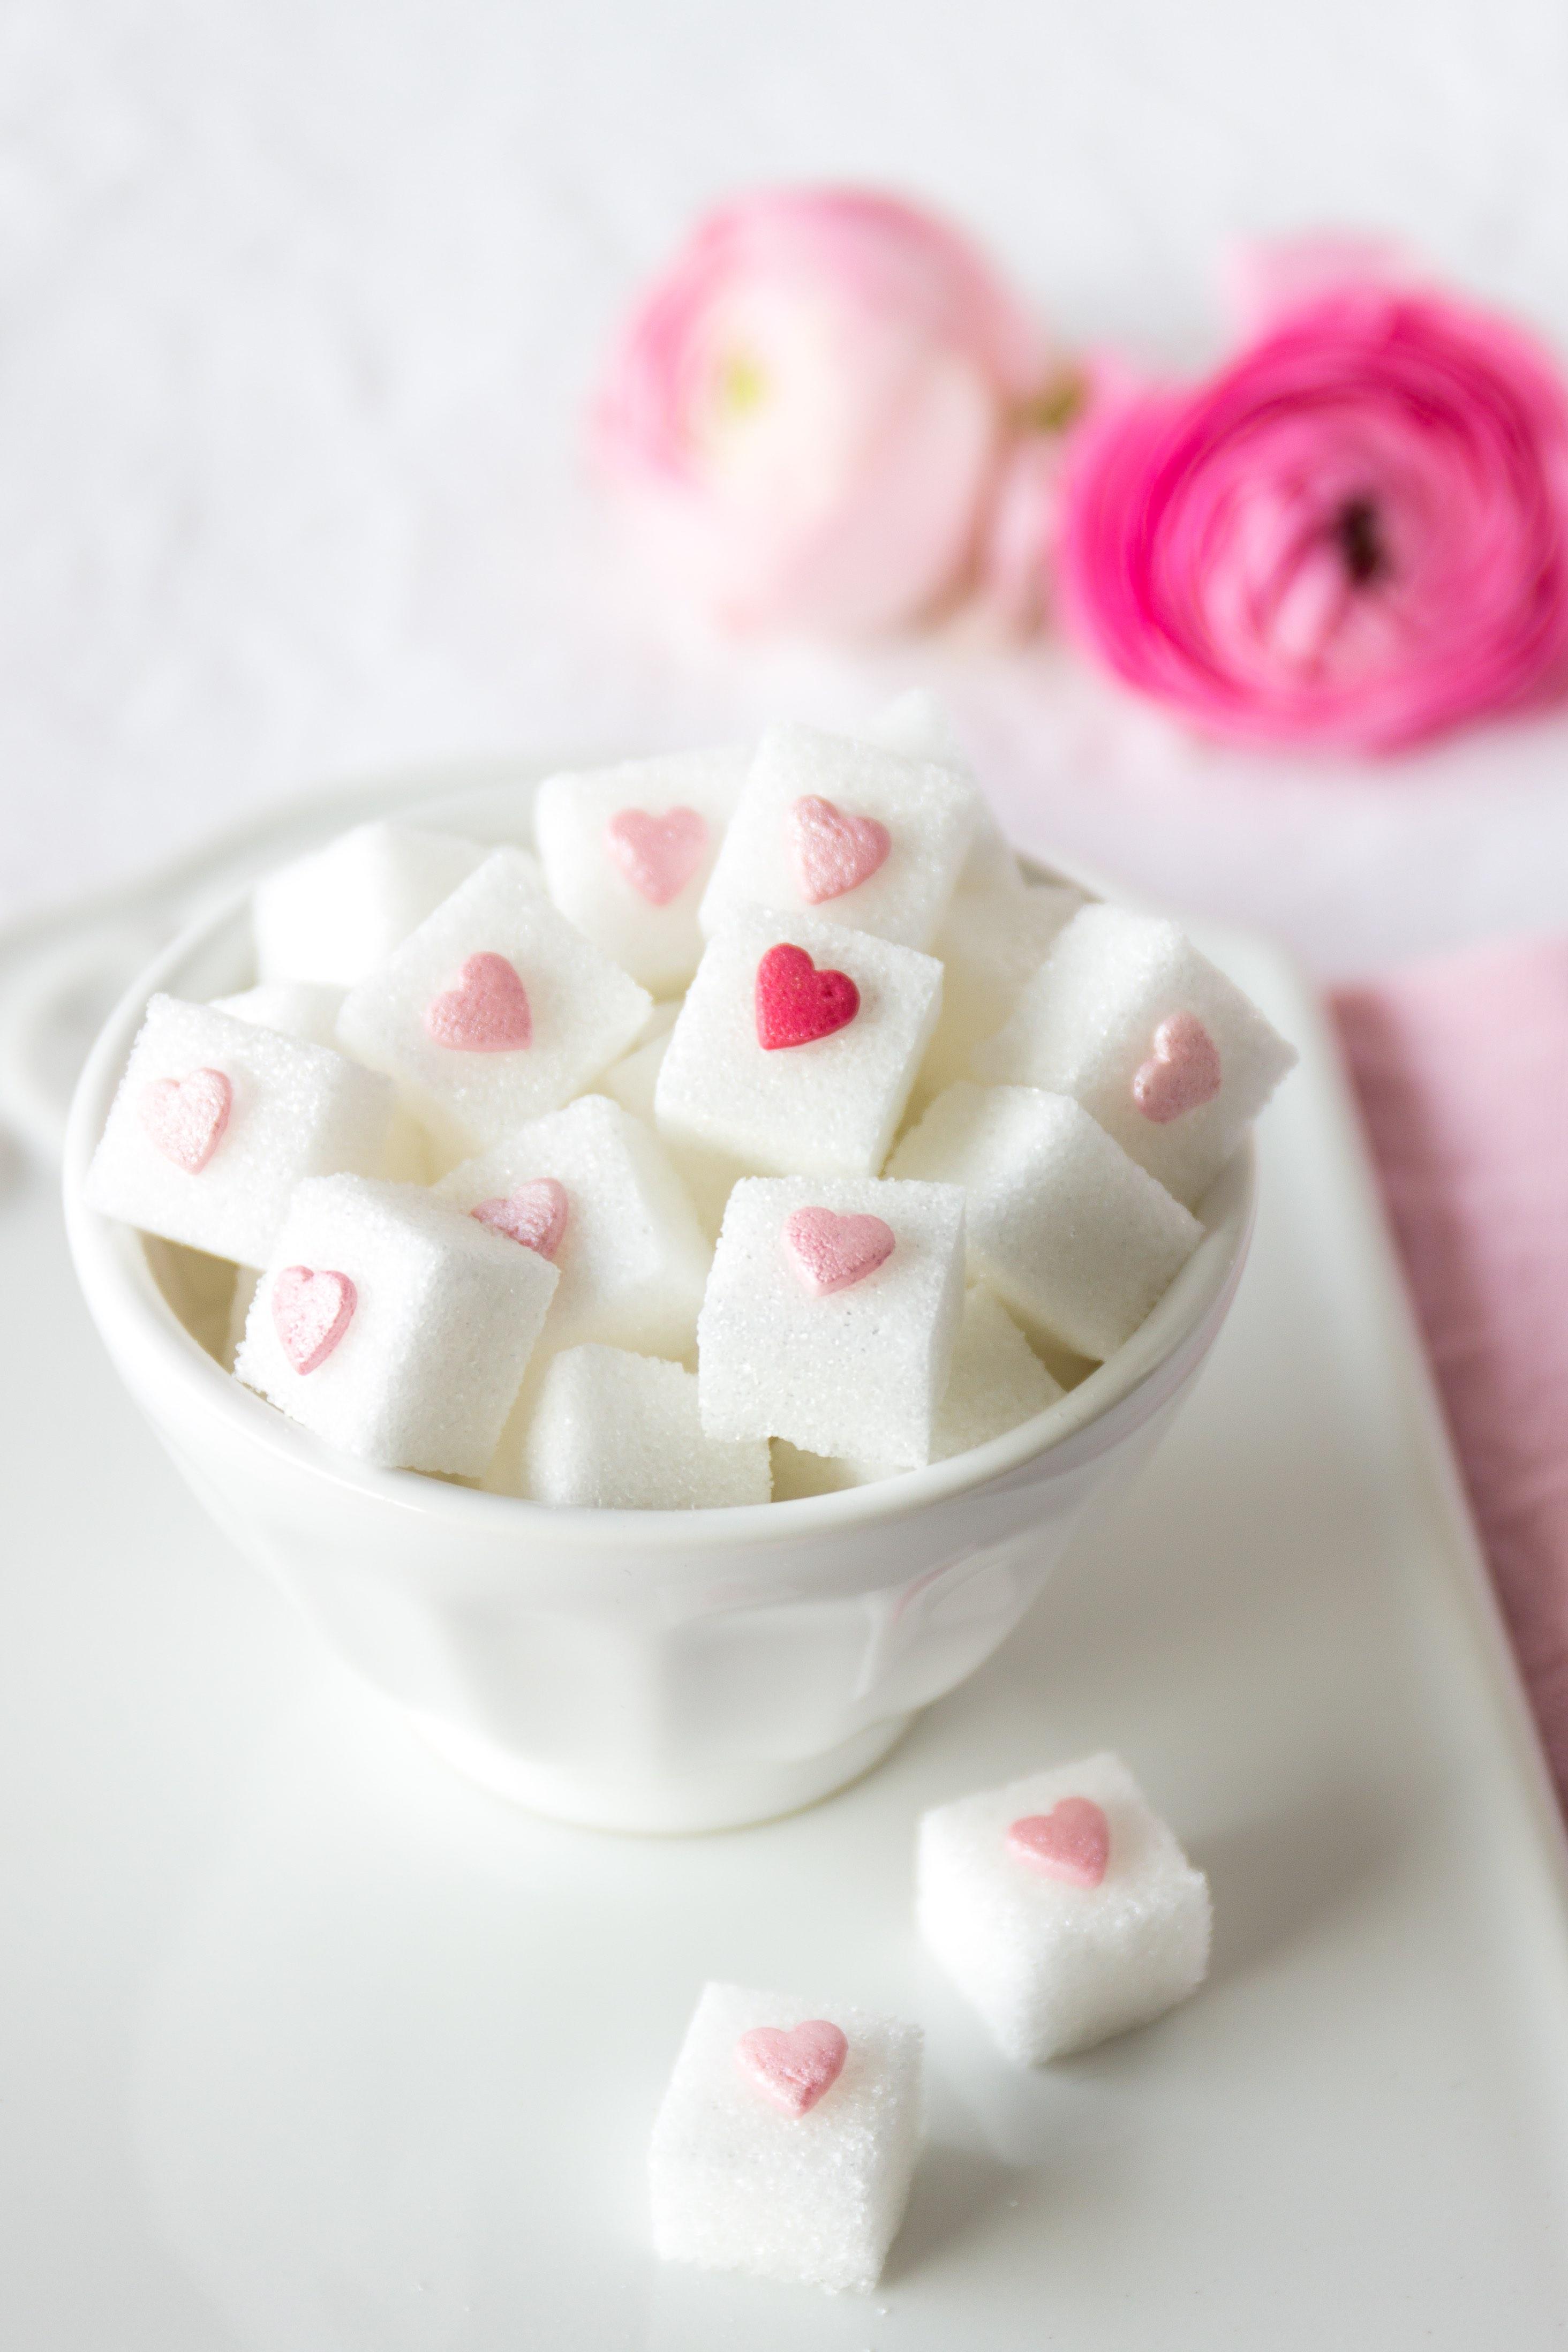 DIY Valentinstag: Herzchen Zuckerstücke selber machen Geschenk #diy #valentinstag #selbermachen #herz #zucker #geschenk | Emma´s Lieblingsstücke